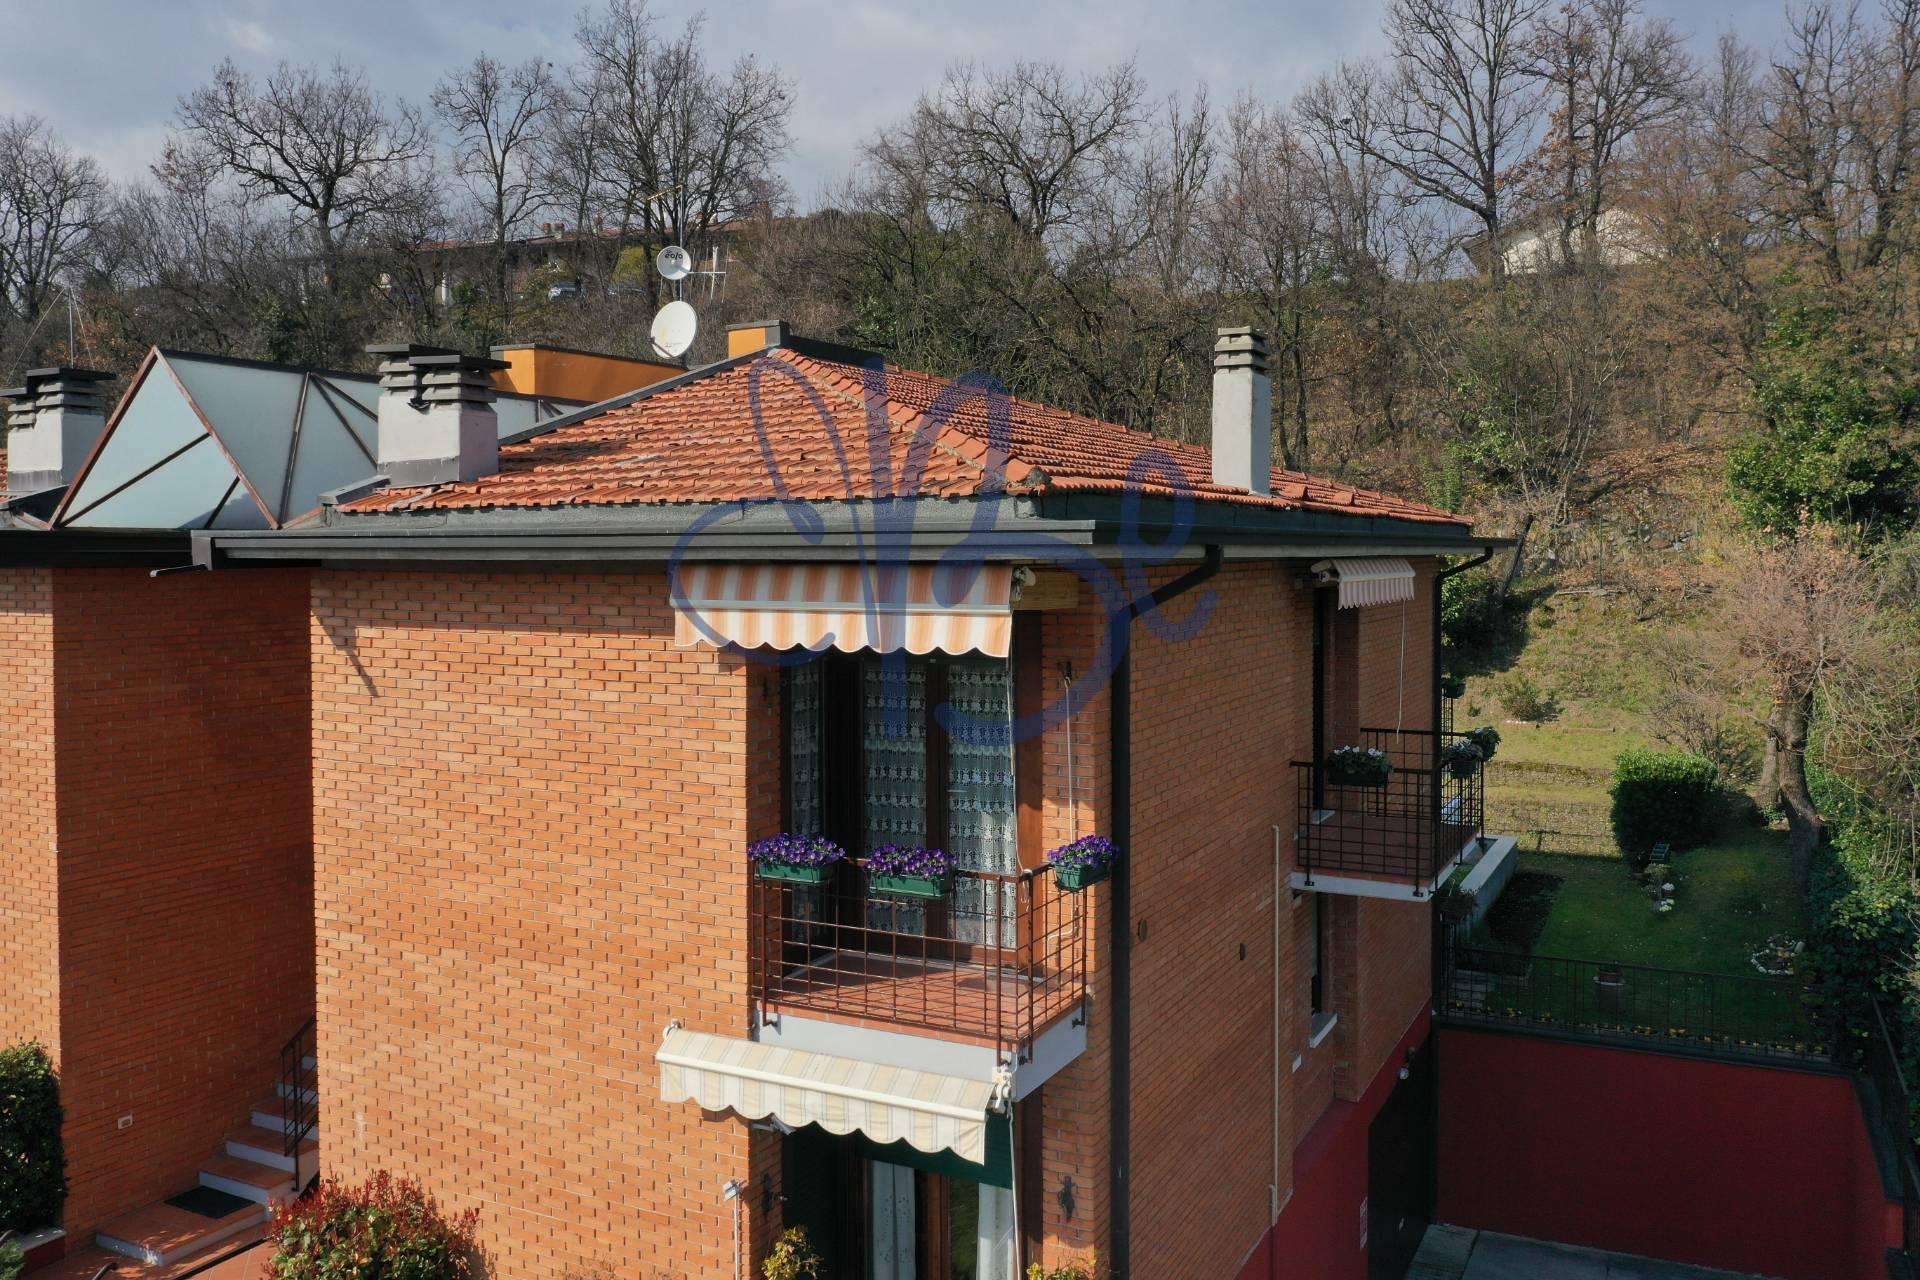 Appartamento in vendita a Salò, 3 locali, zona Zona: Villa, prezzo € 195.000 | CambioCasa.it